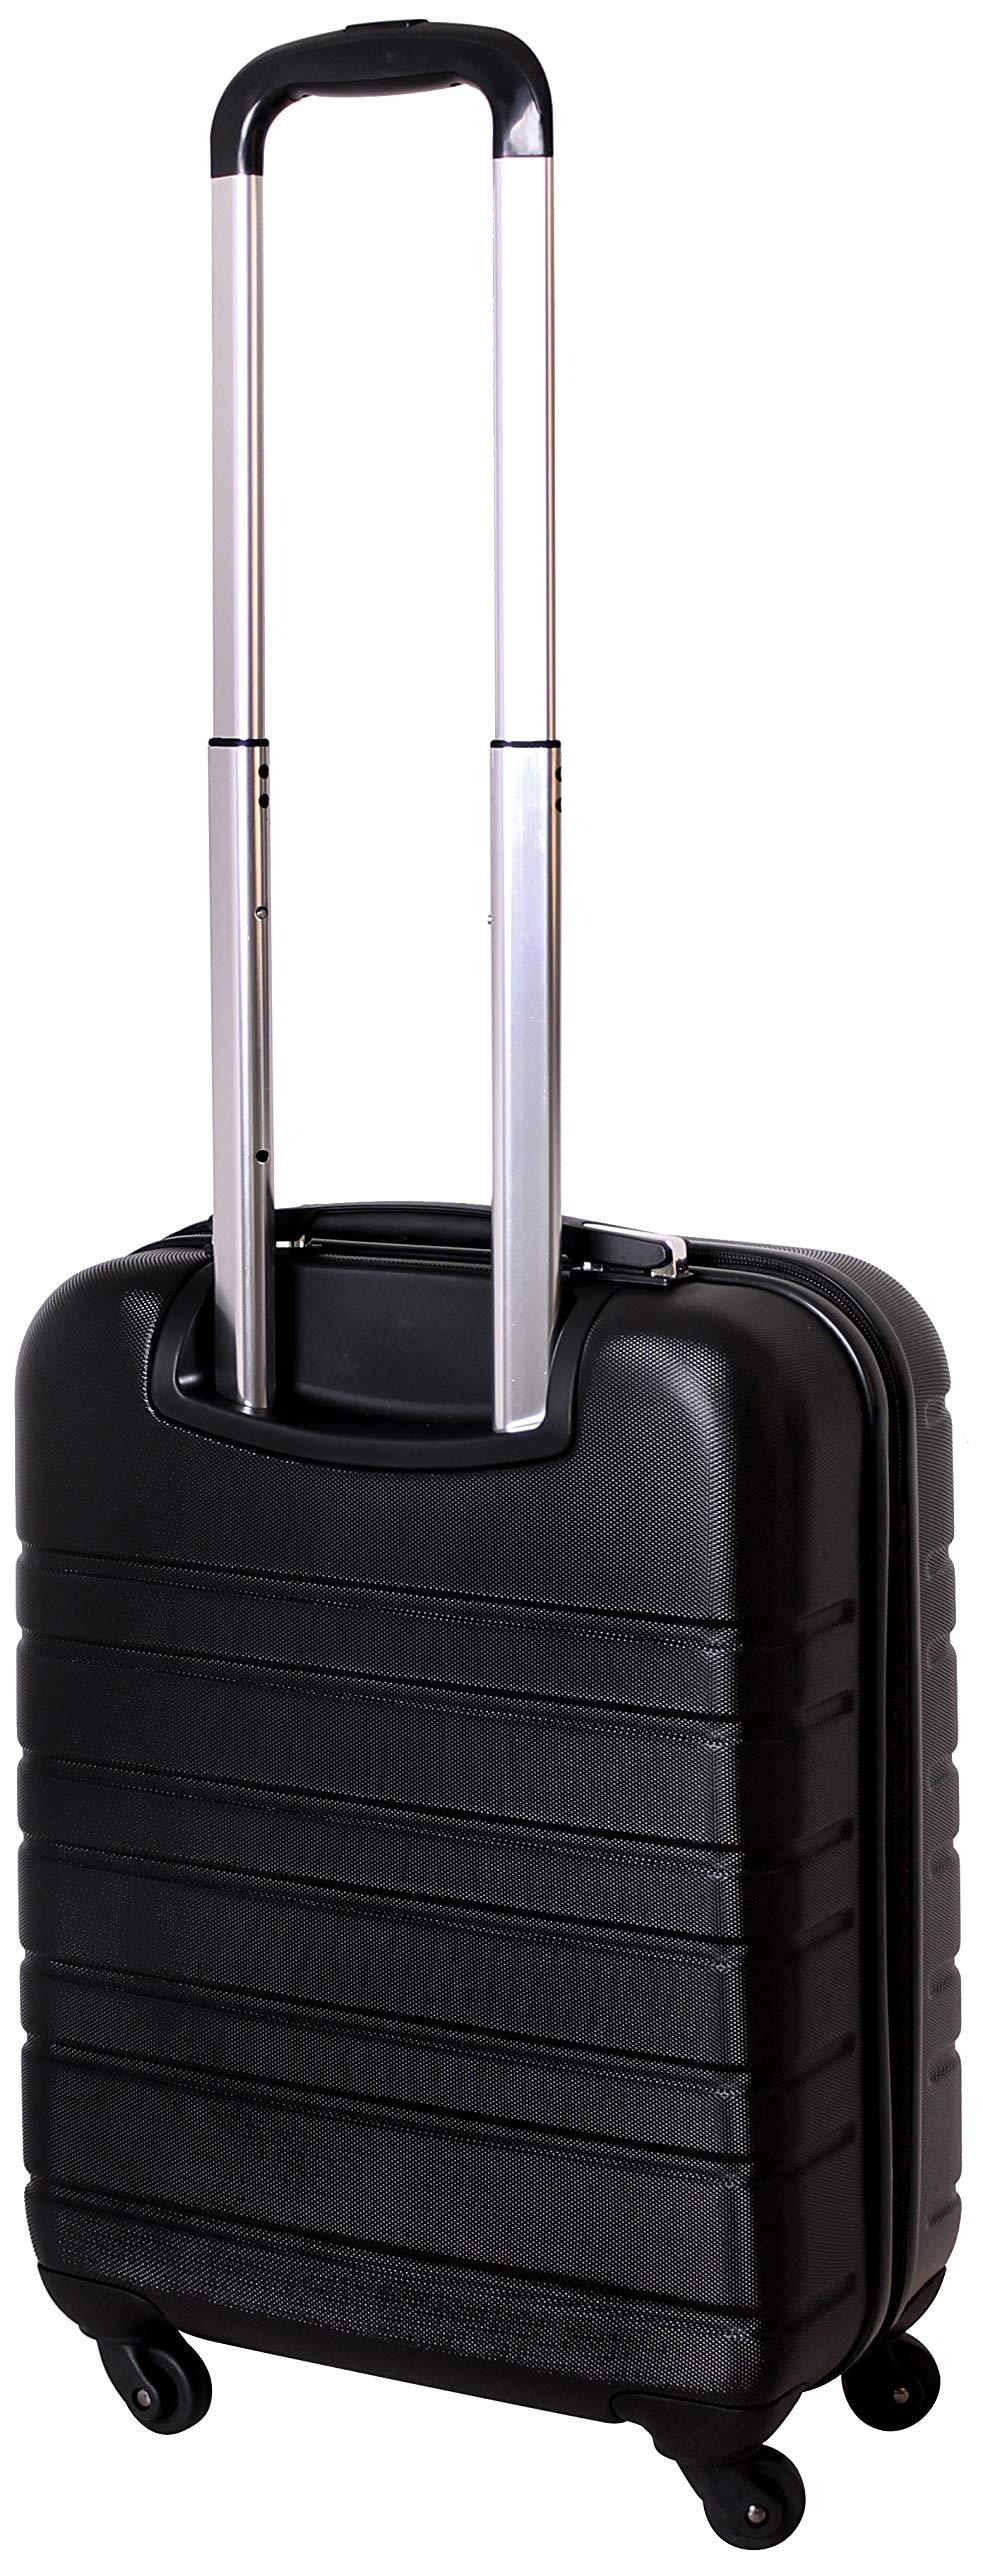 Karry-Handgepck-Bordgepck-Hartschalen-Koffer-fr-Kurzreisen-Urlaub-Reisen-Businesskoffer-Trolley-Case-TSA-Schloss-30-Liter-Schwarz-815-B